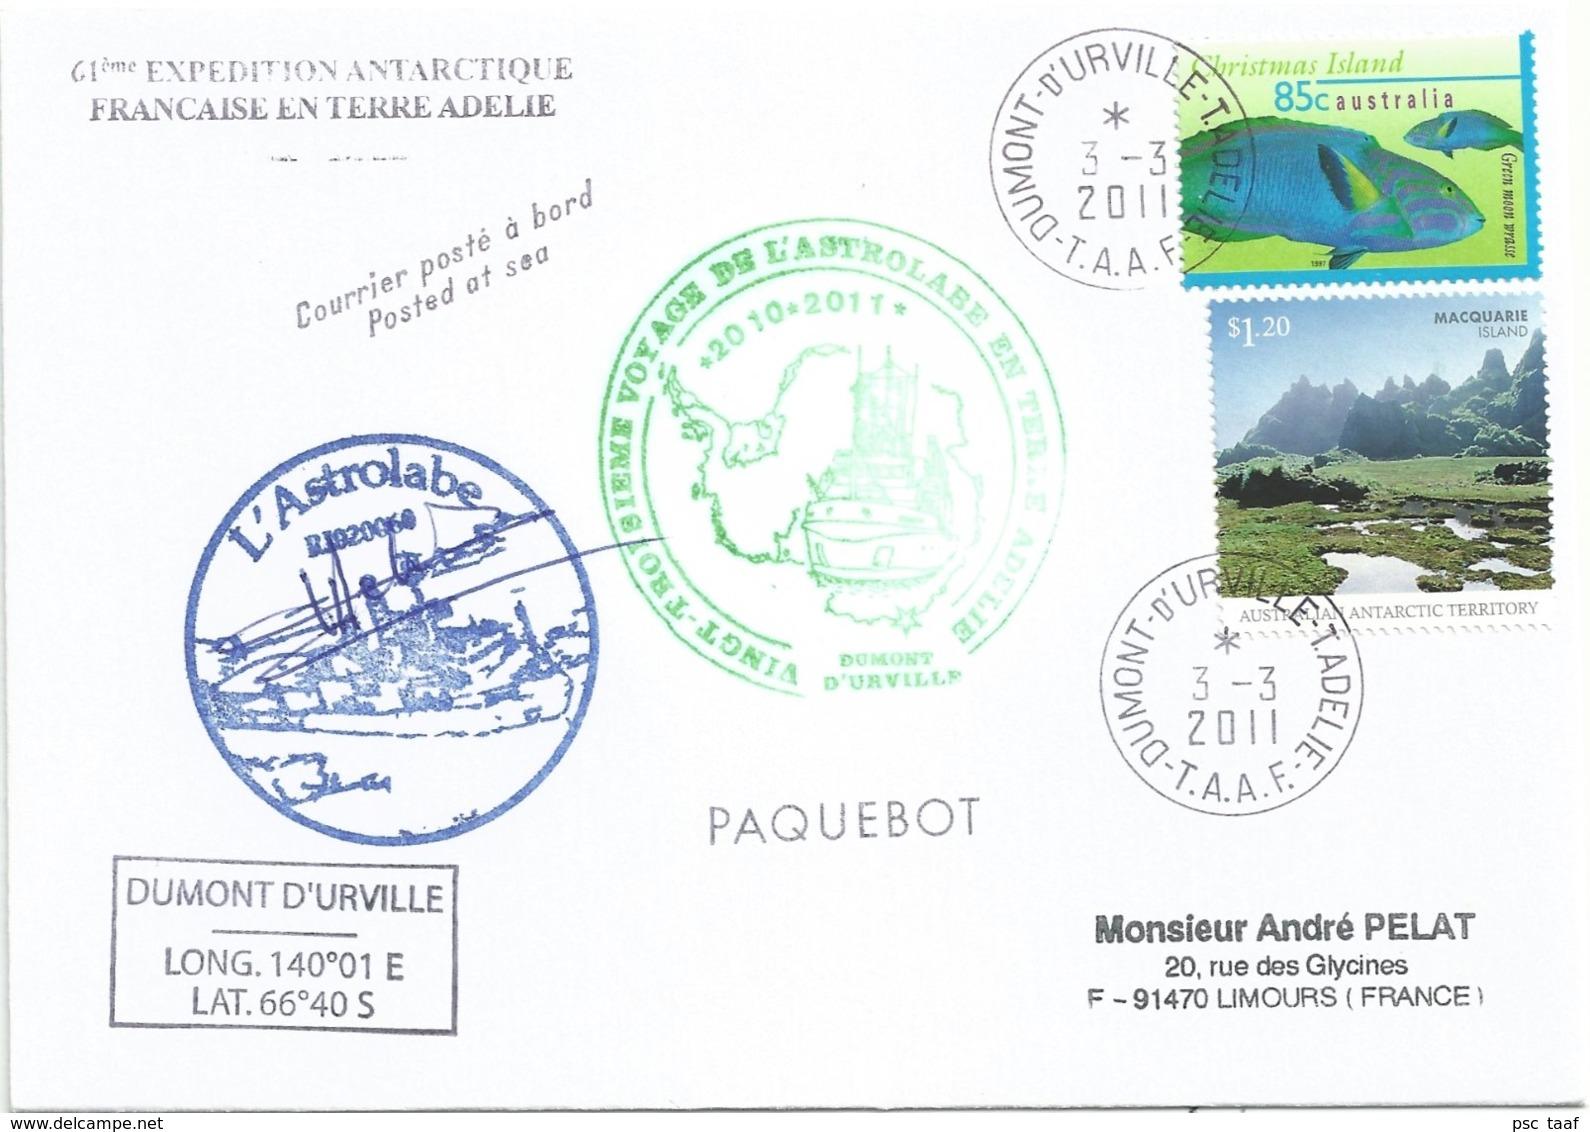 YT 437 - Poissons - Ile Macquarie - Posté à Bord De L'Astrolabe - Dumont D'Urville - 03/03/2011 - Cocos (Keeling) Islands